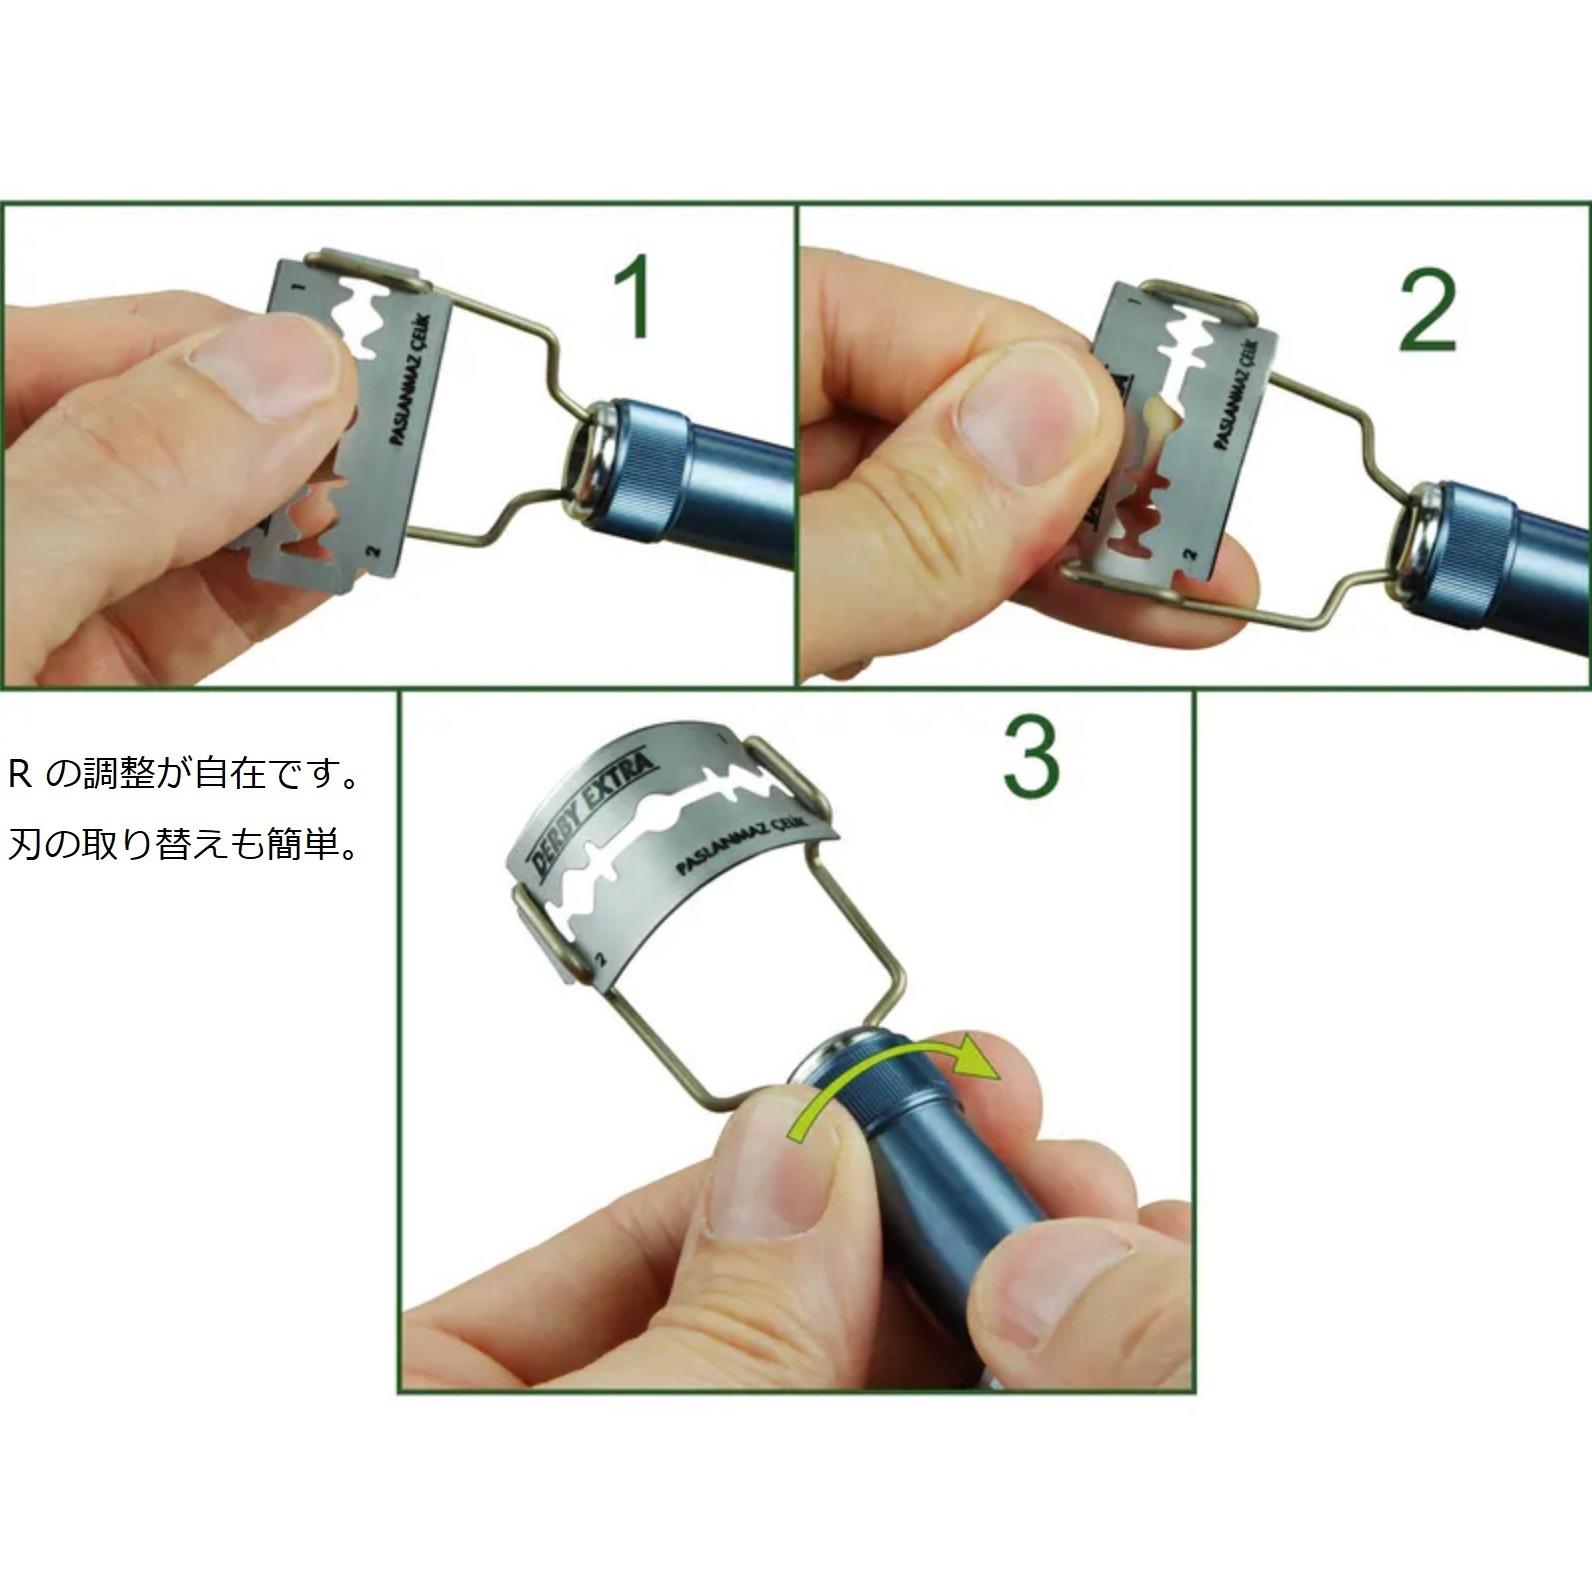 こんな便利な道具が有ったのね。_e0029256_10295573.jpg